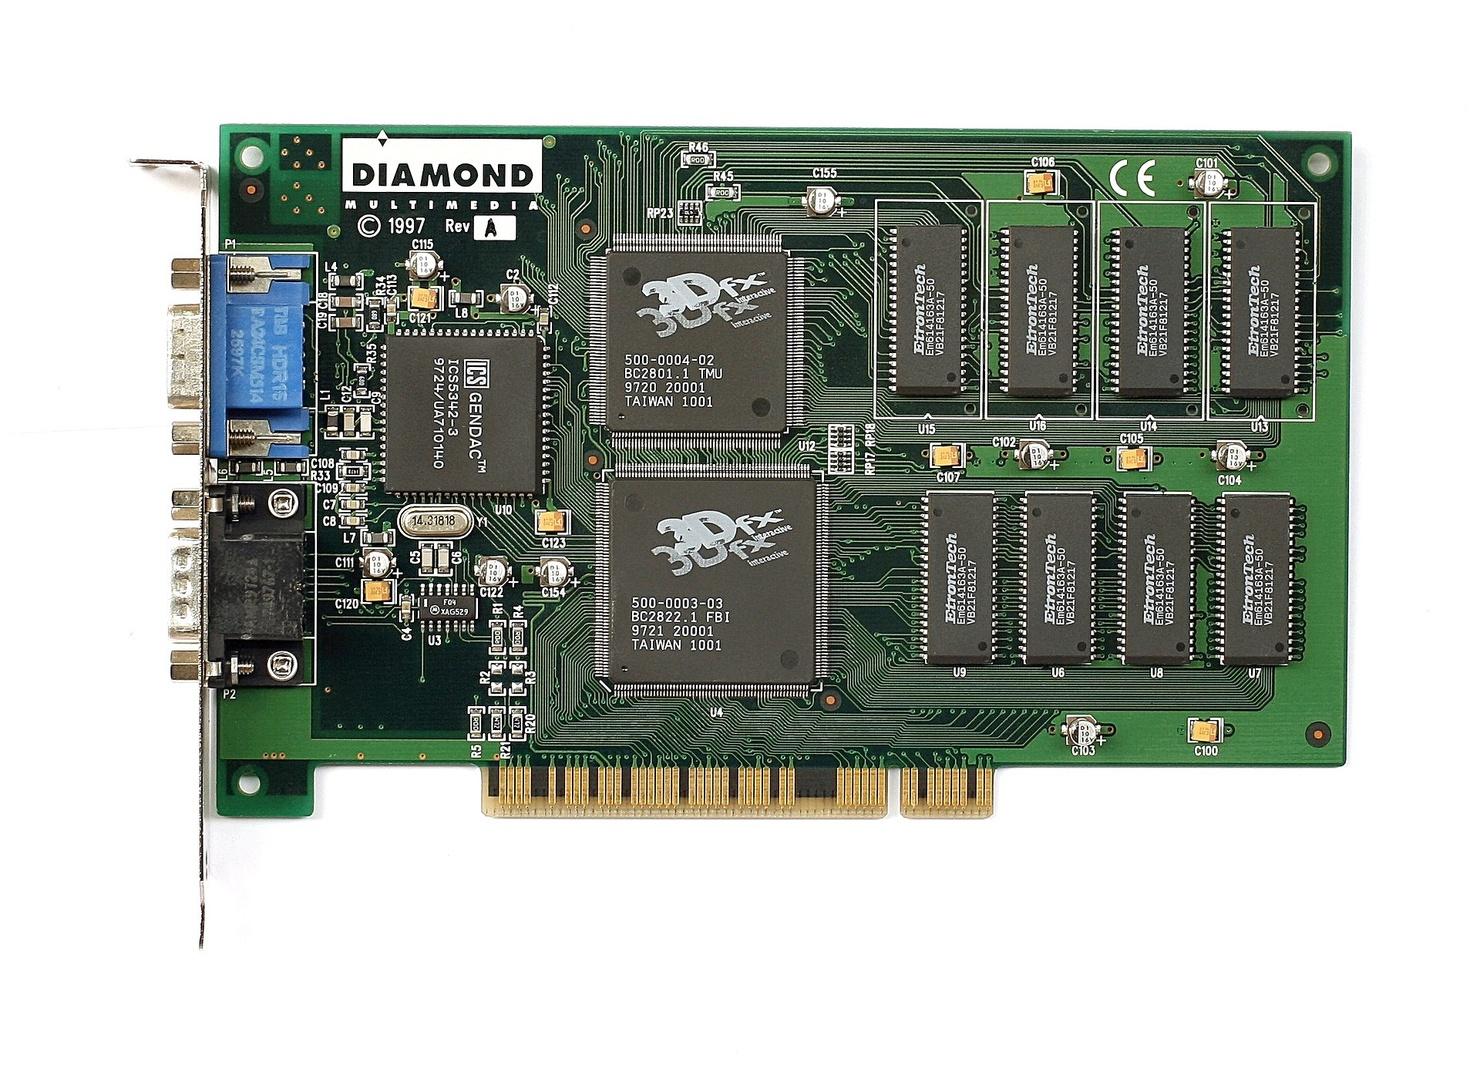 3dfx Voodoo und Nvidia Riva 128 standen in der Gunst der Spieler, die Voodoo 2 war vielen noch zu teuer